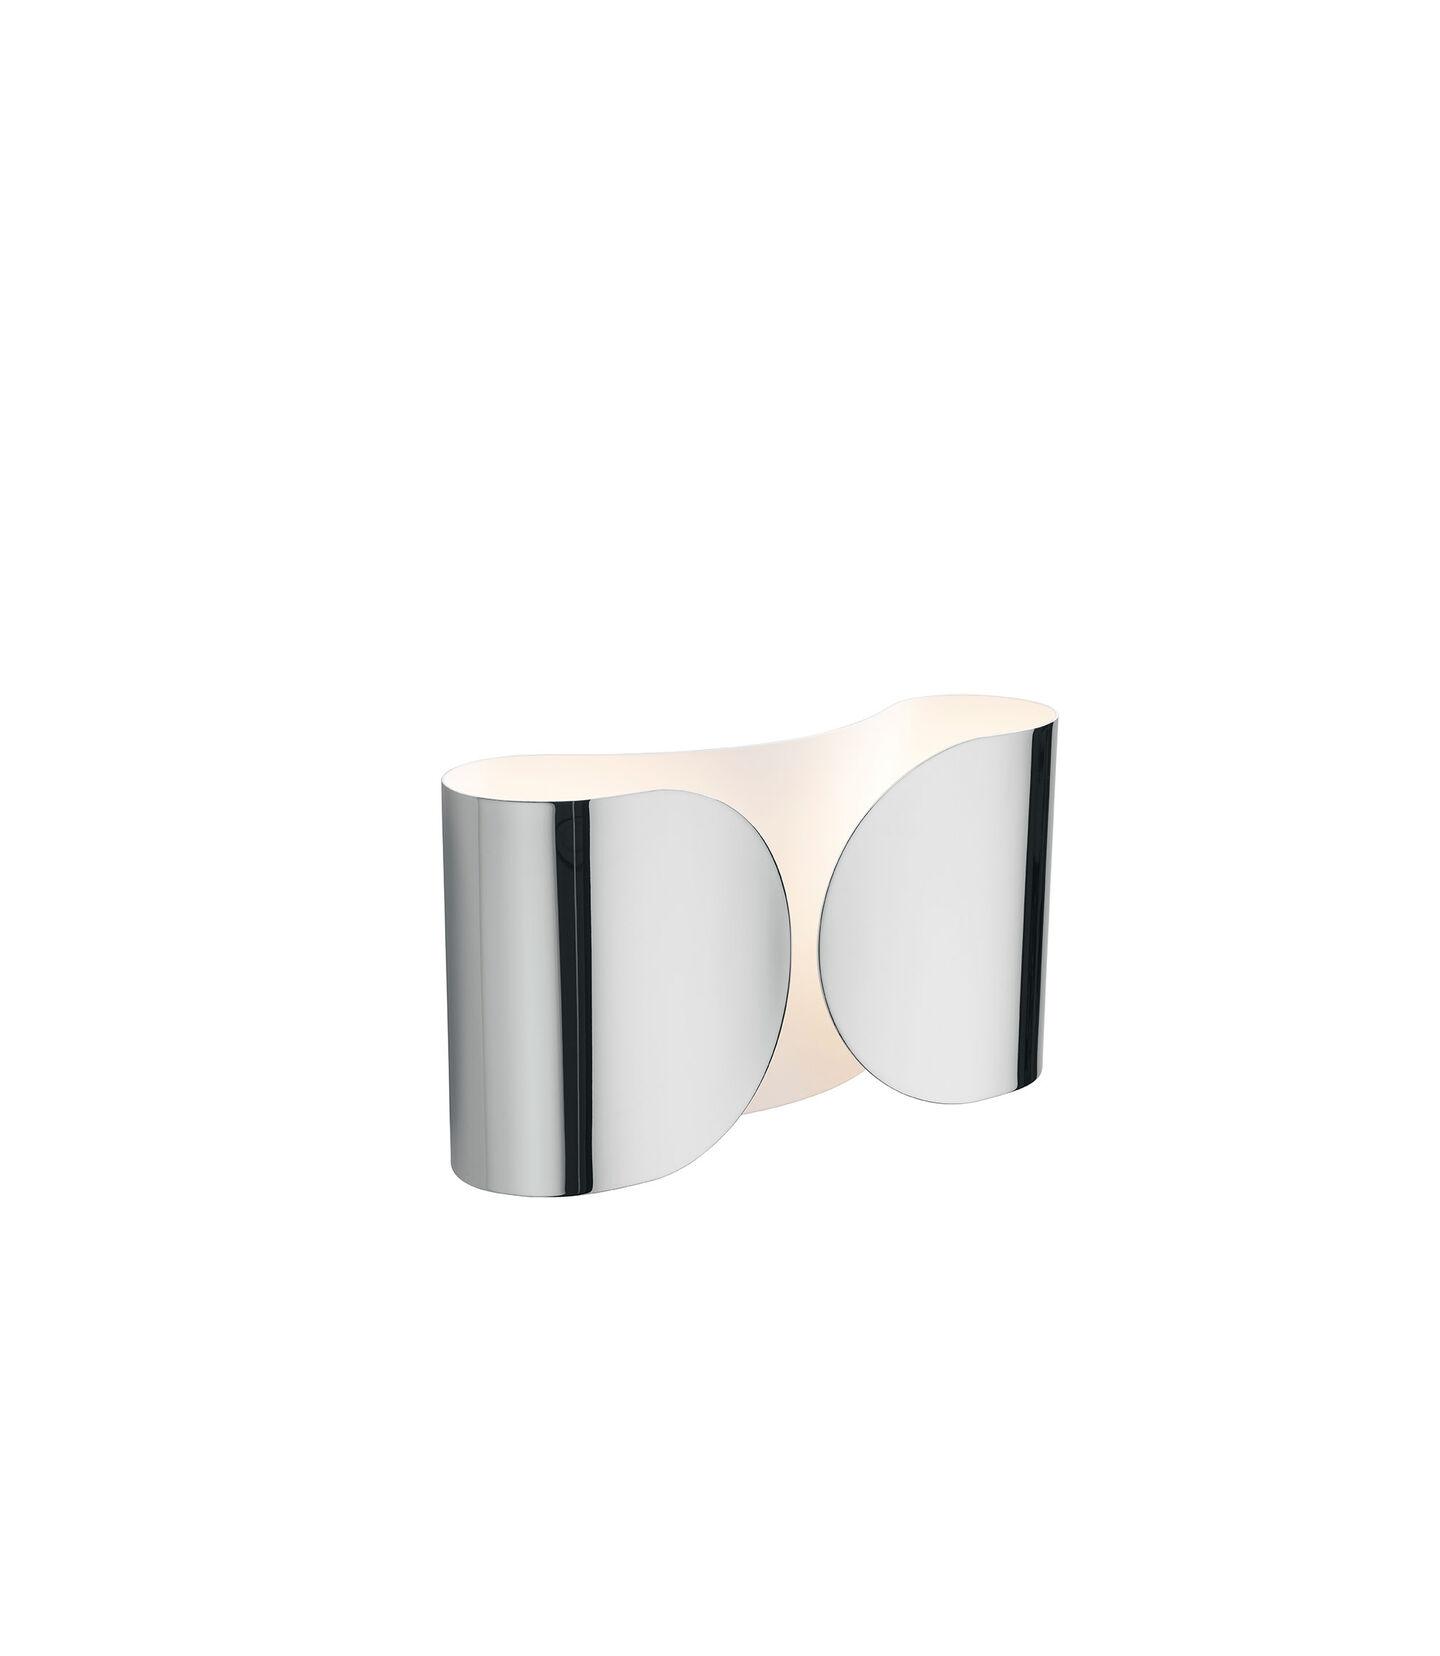 foglio-ceiling-wall-scarpa-flos-F2400057-product-still-life-big-2